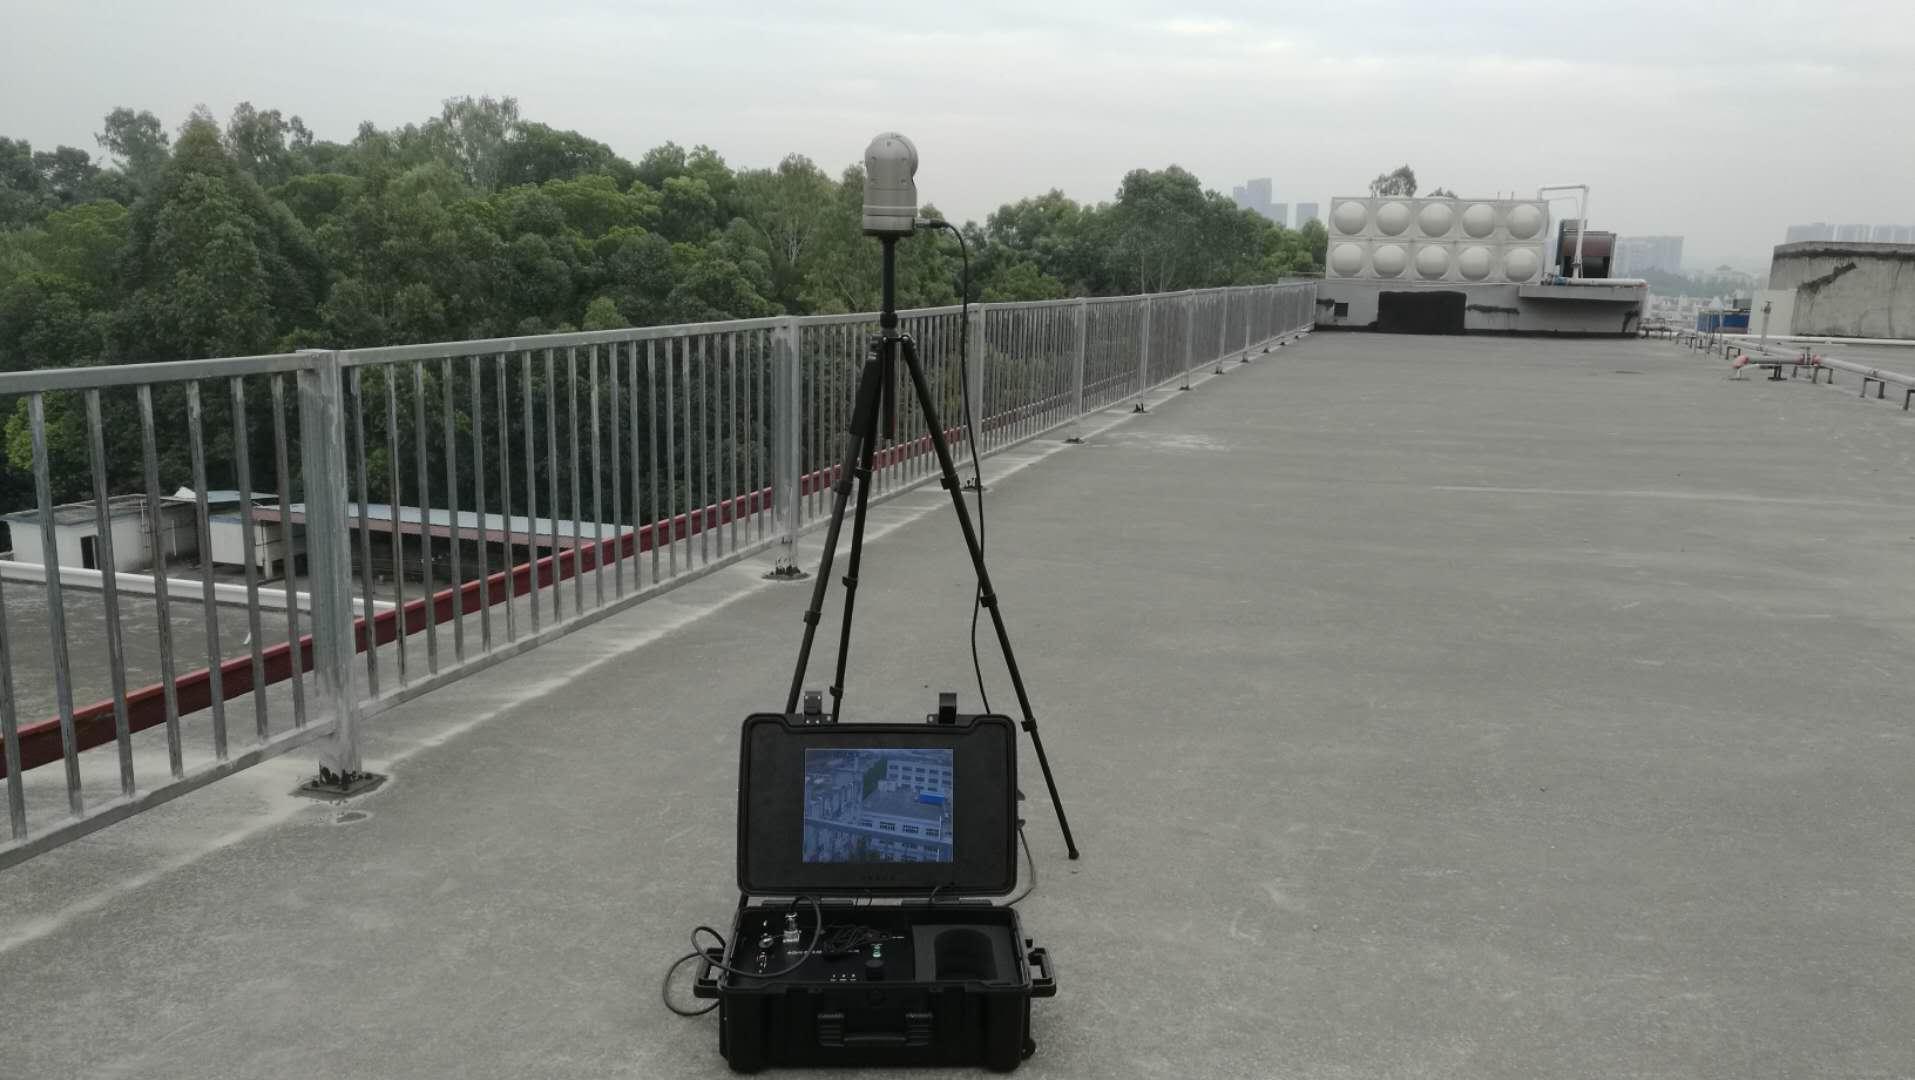 LA-8640M 4G移动应急视频传输系统